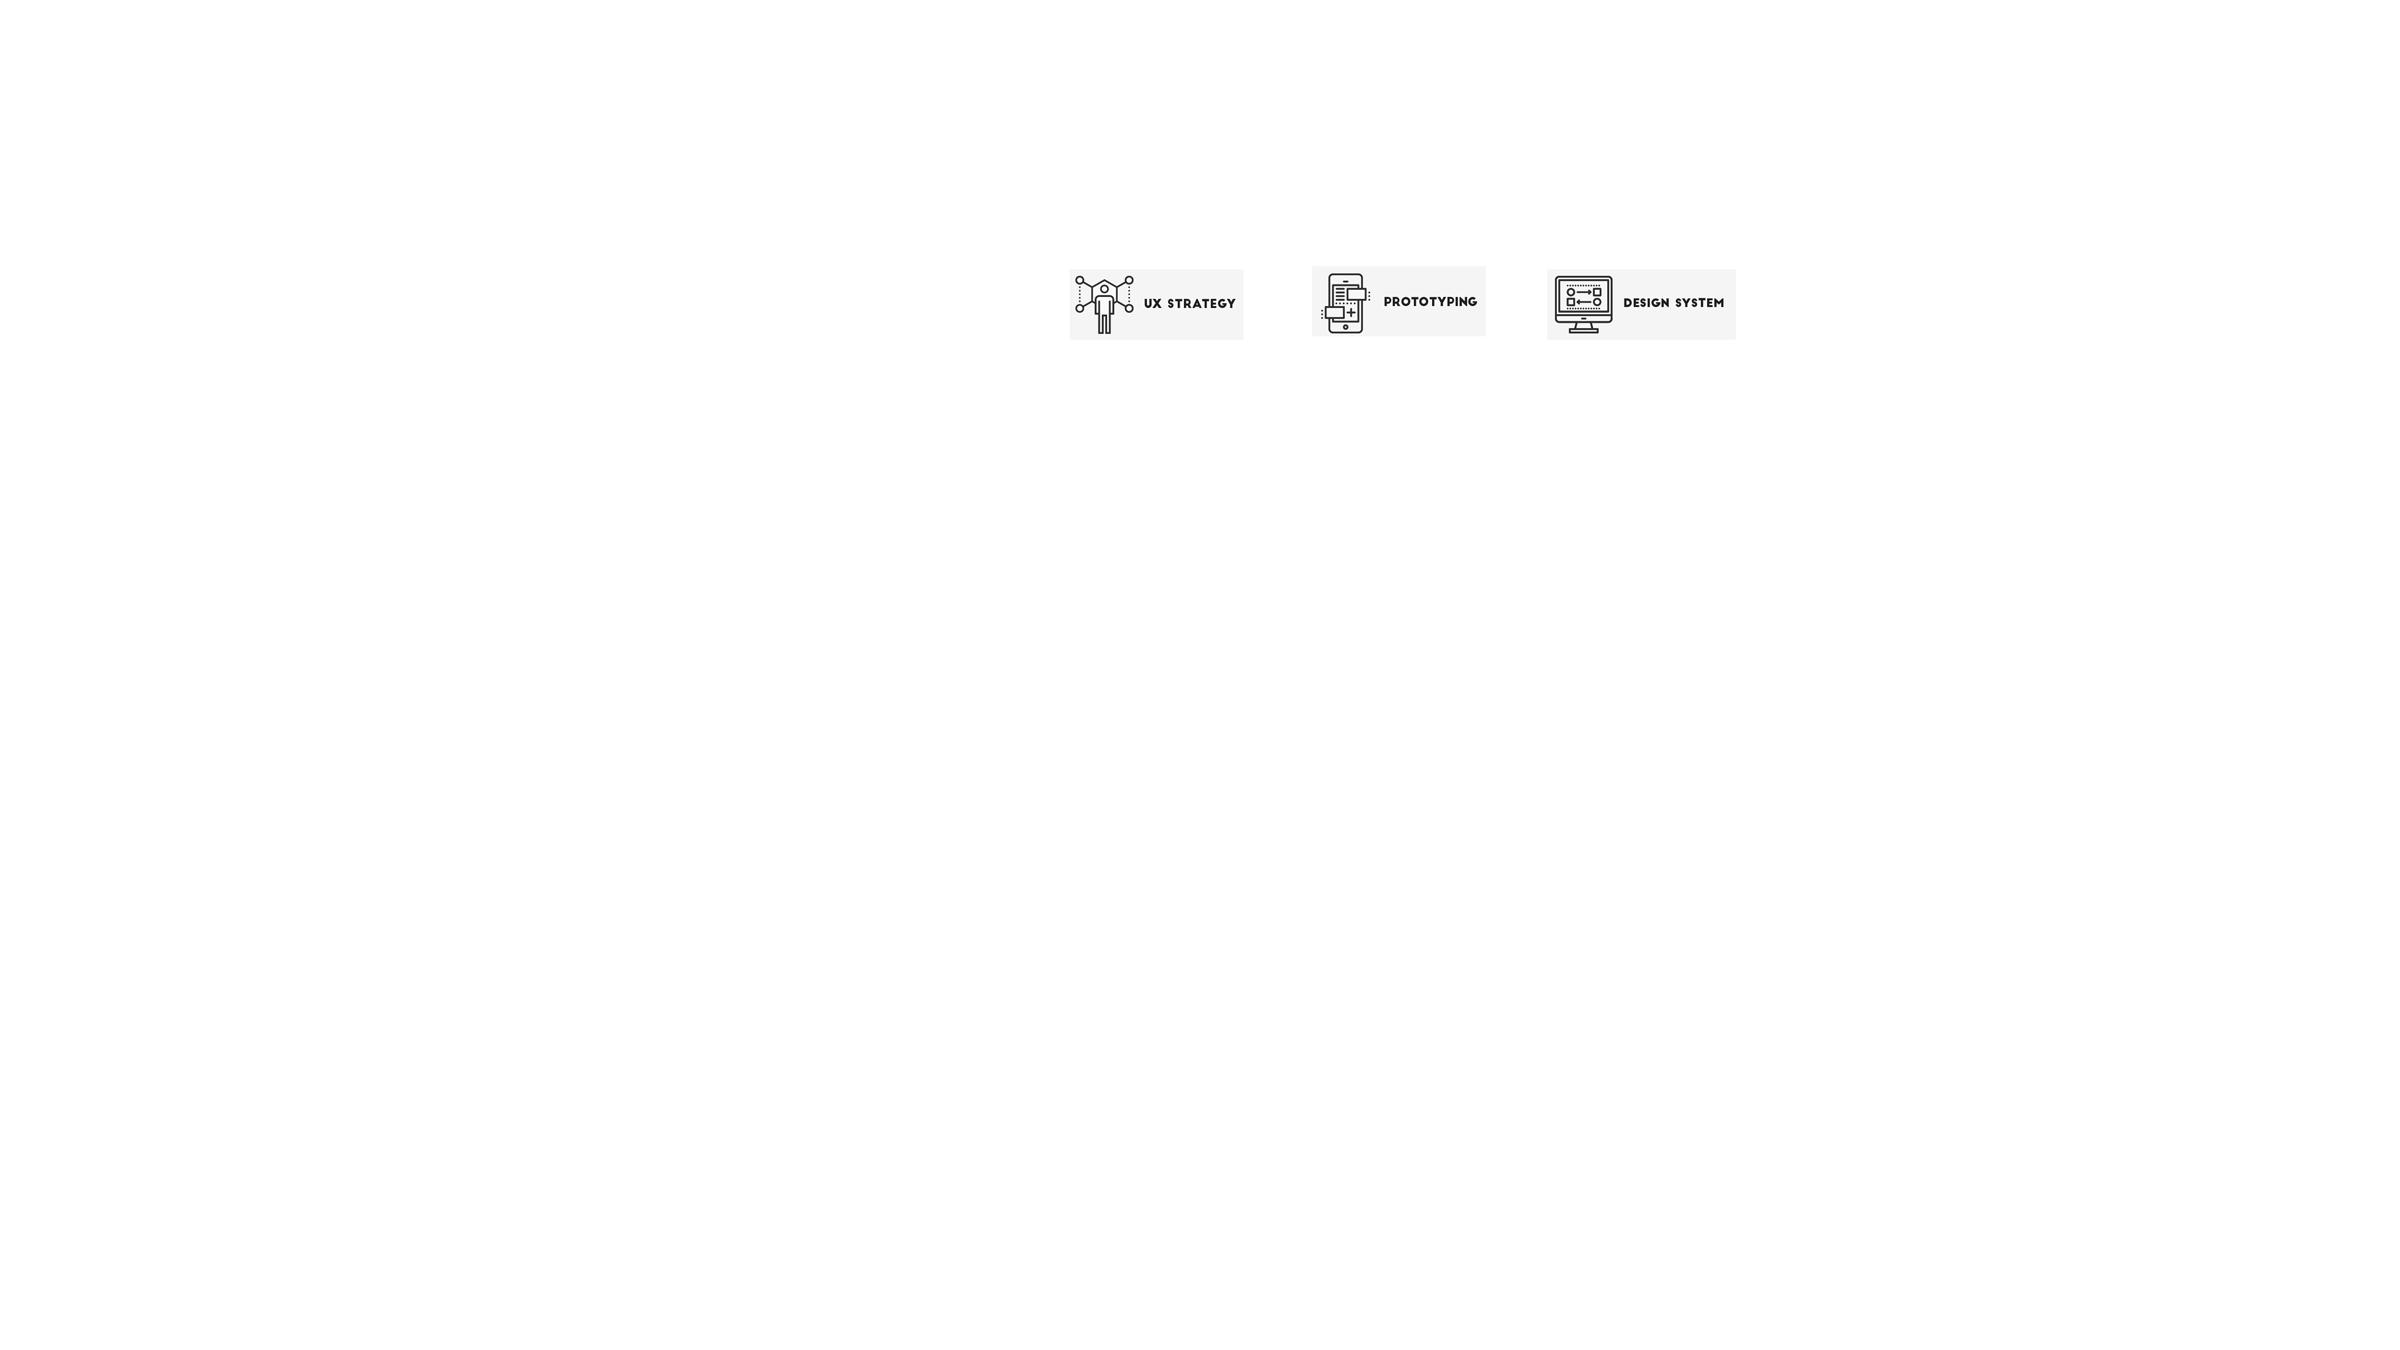 John Deere Brand Portal